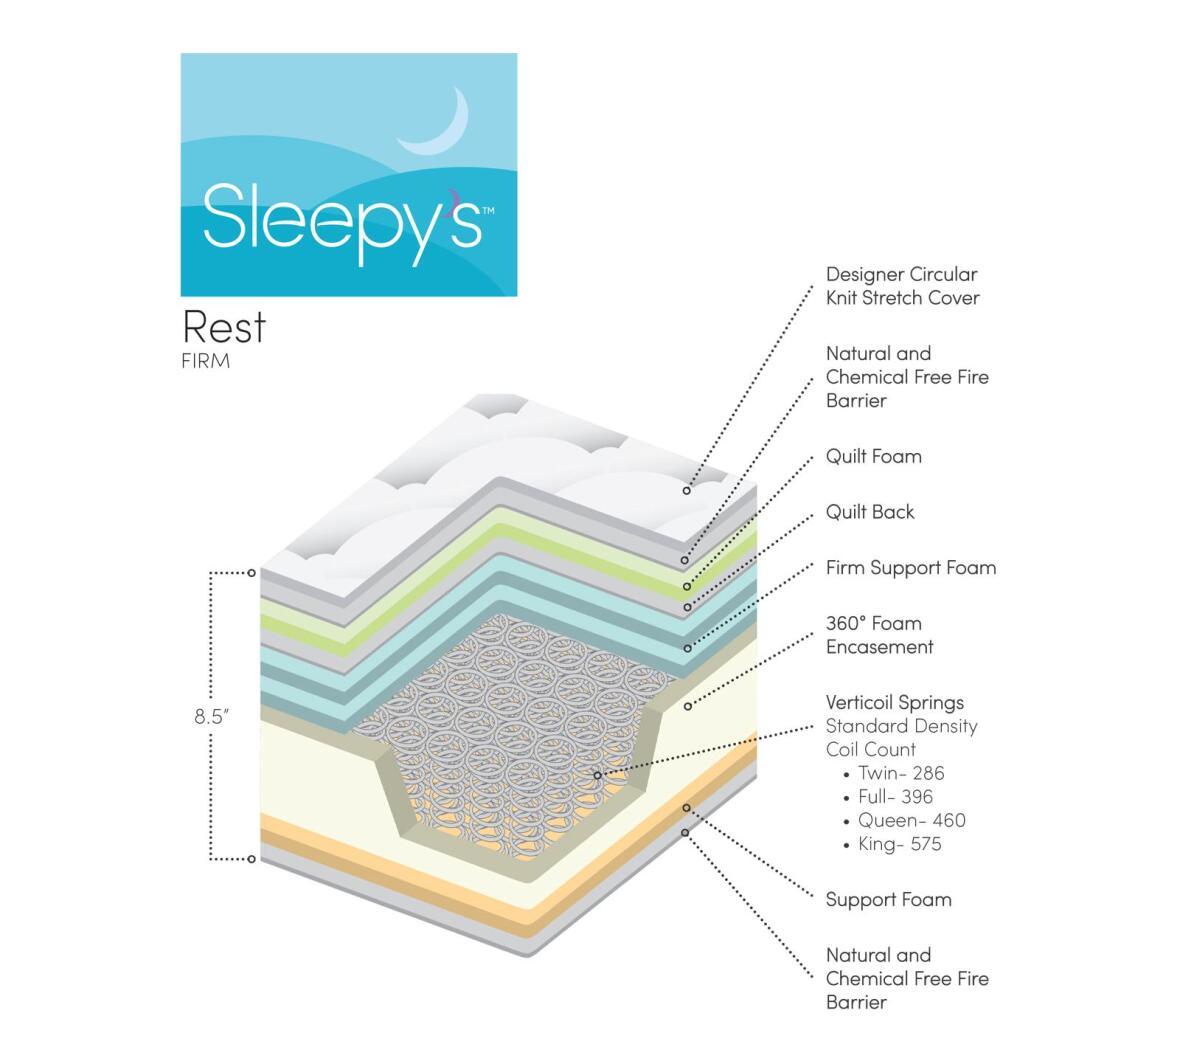 126881 Sleepys Rest 4.jpg